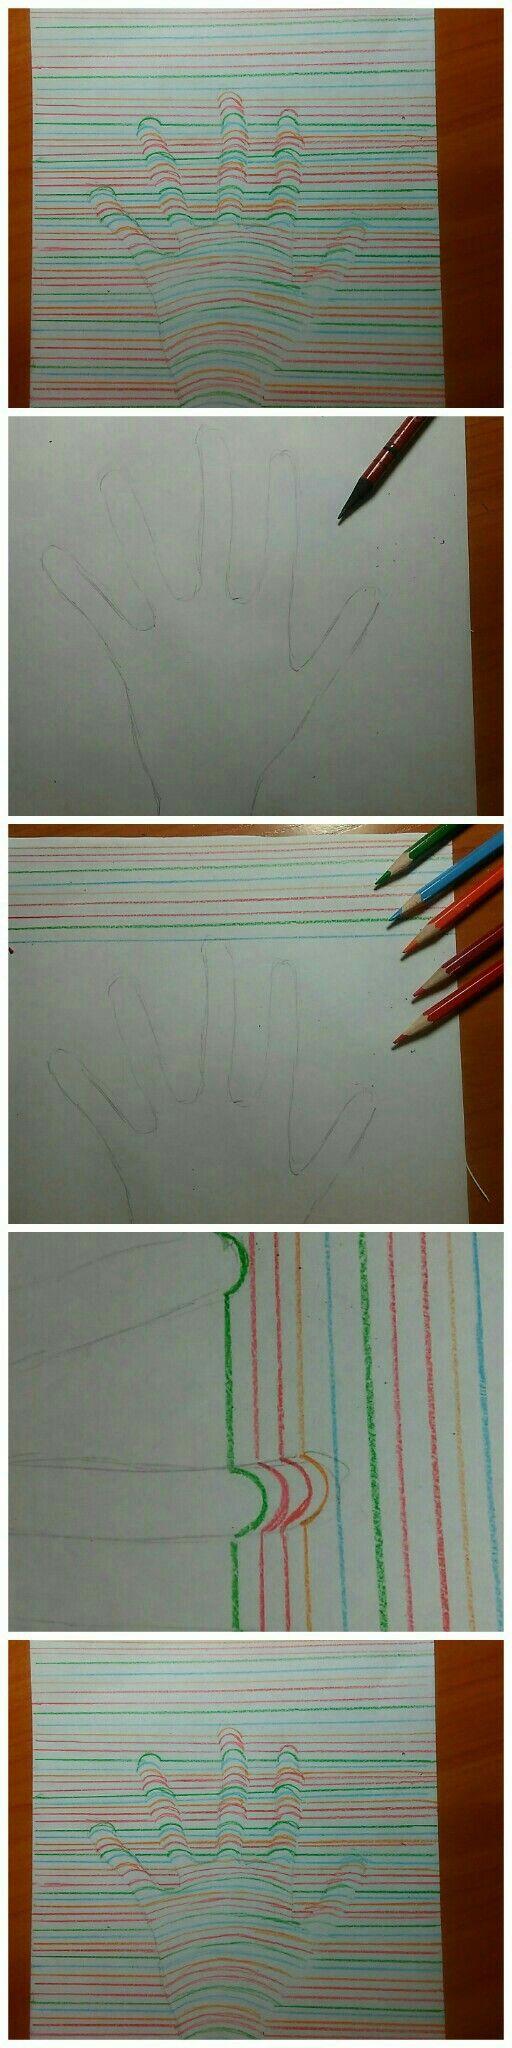 Рисуем 3D руку.  рисунок 3д рука руки карандаши цвет цветные карандаши восхитительно